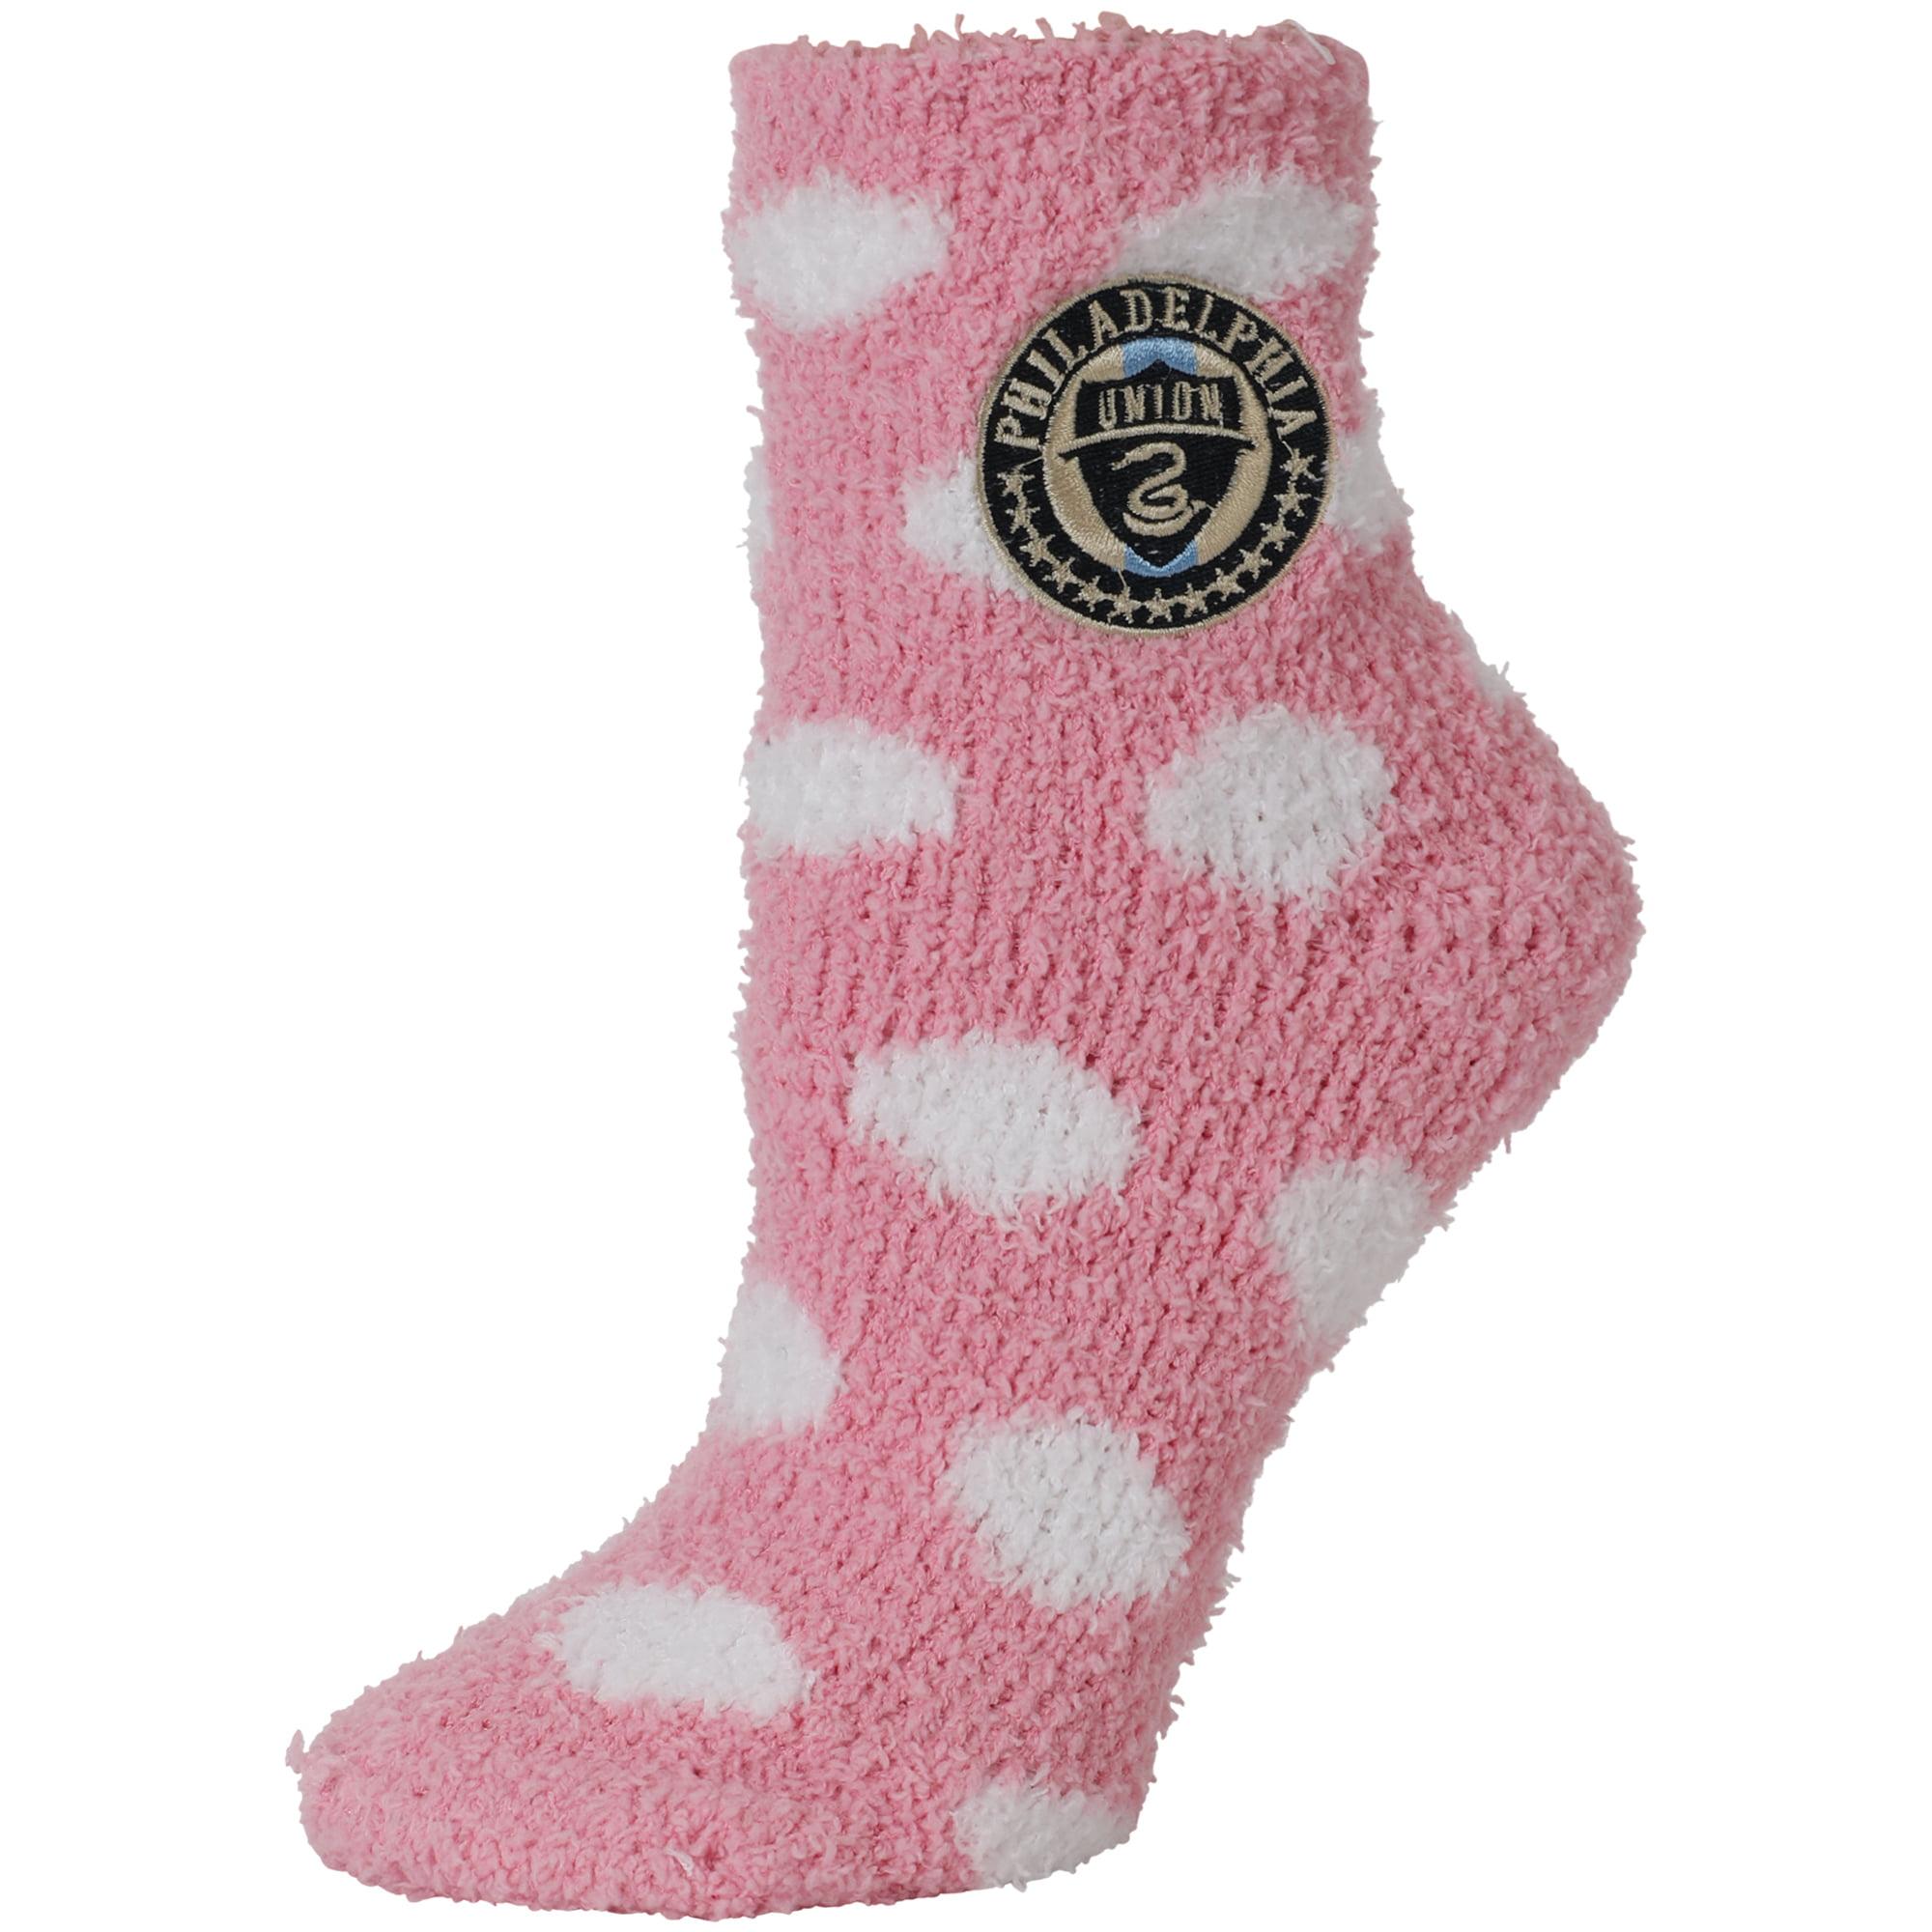 Philadelphia Union ZooZatz Women's Fuzzy Socks - No Size